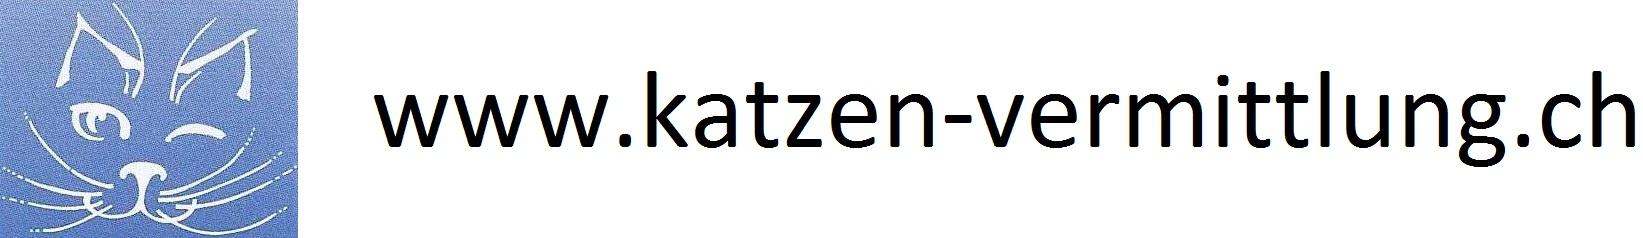 katzen-vermittlung